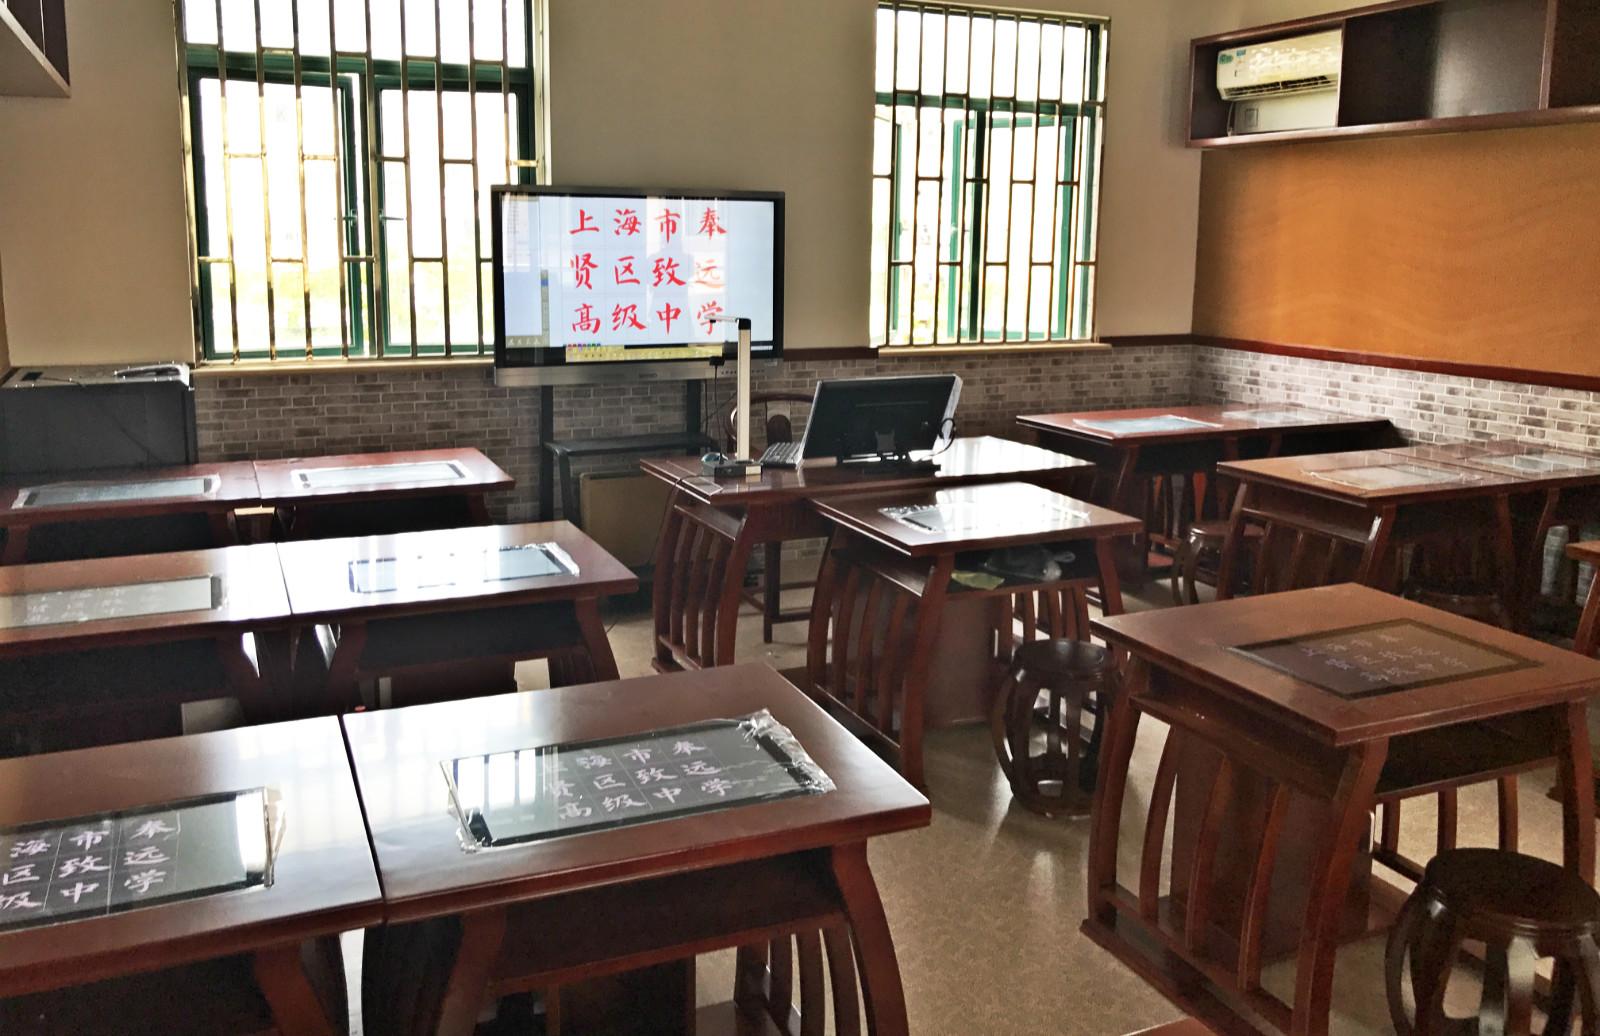 上海奉贤区致远中学